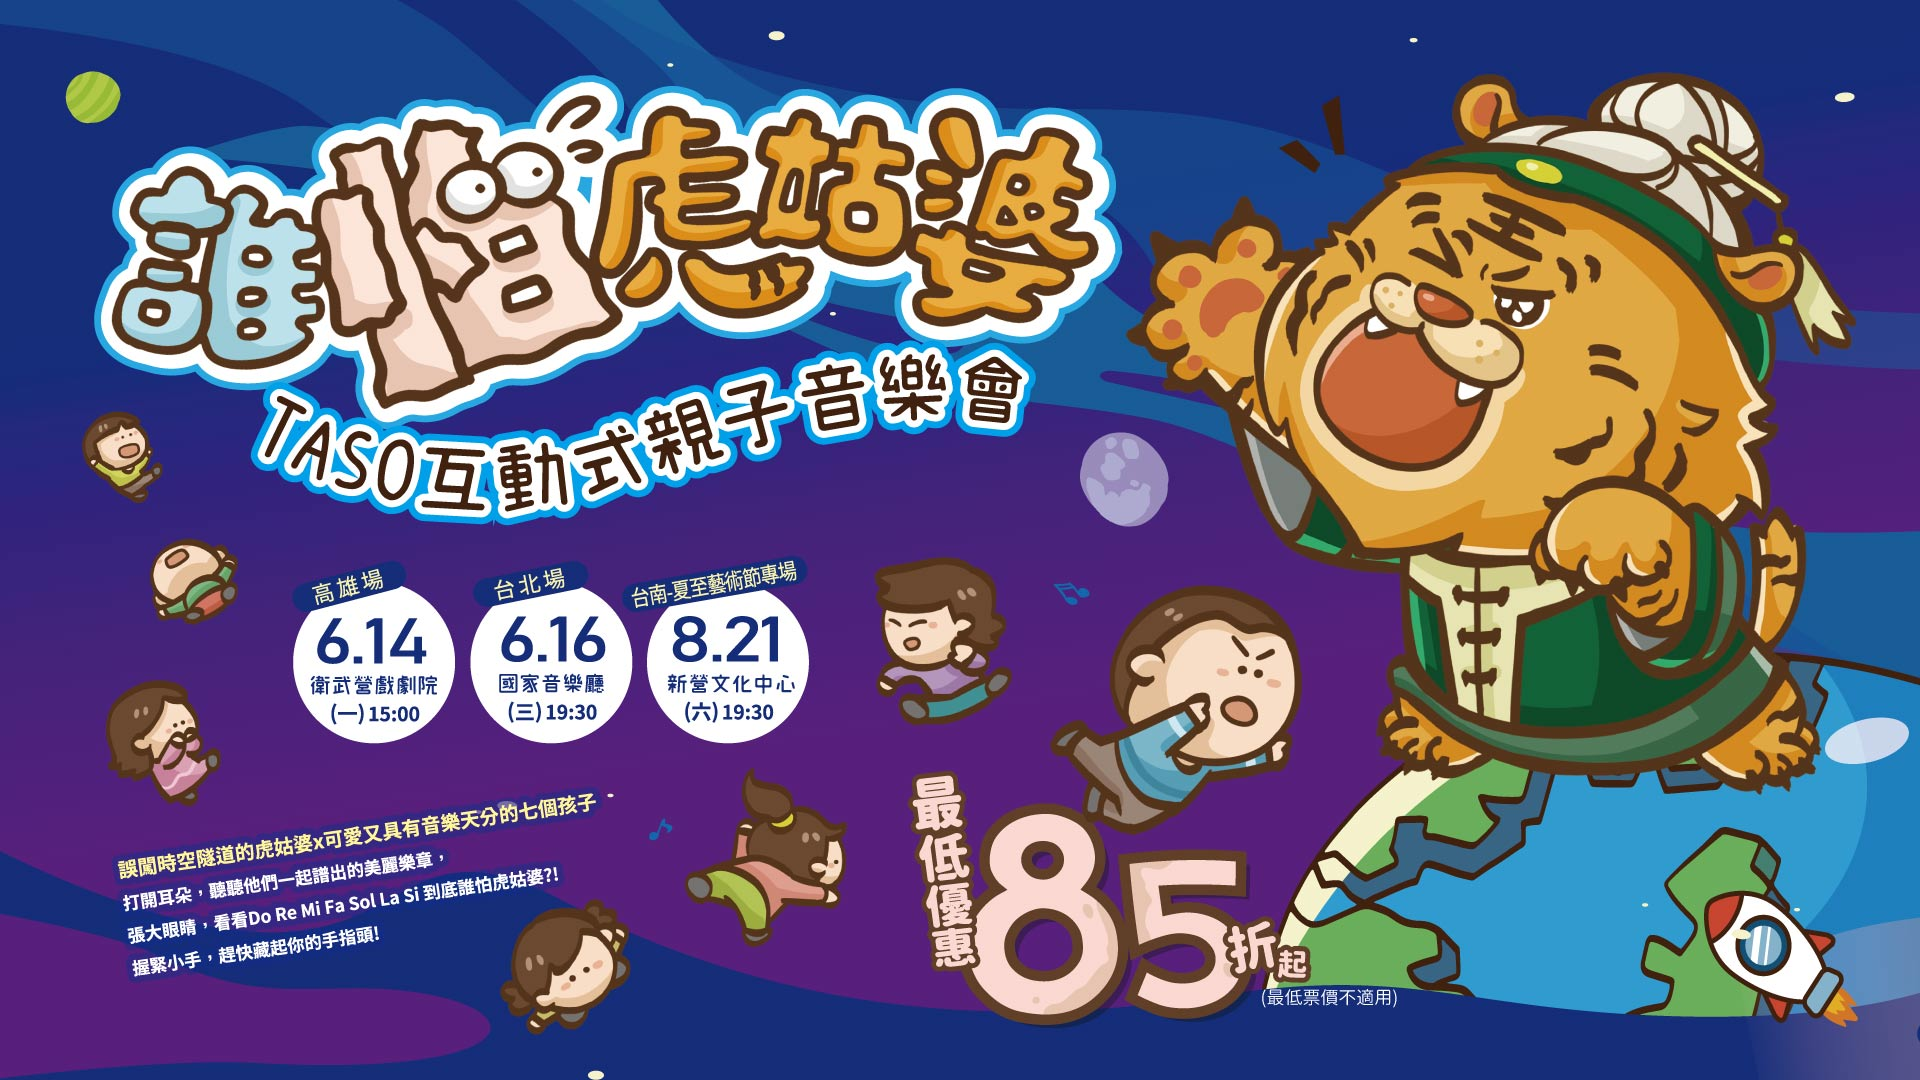 2021夏至藝術節《誰怕虎姑婆-TASO互動式親子音樂會》